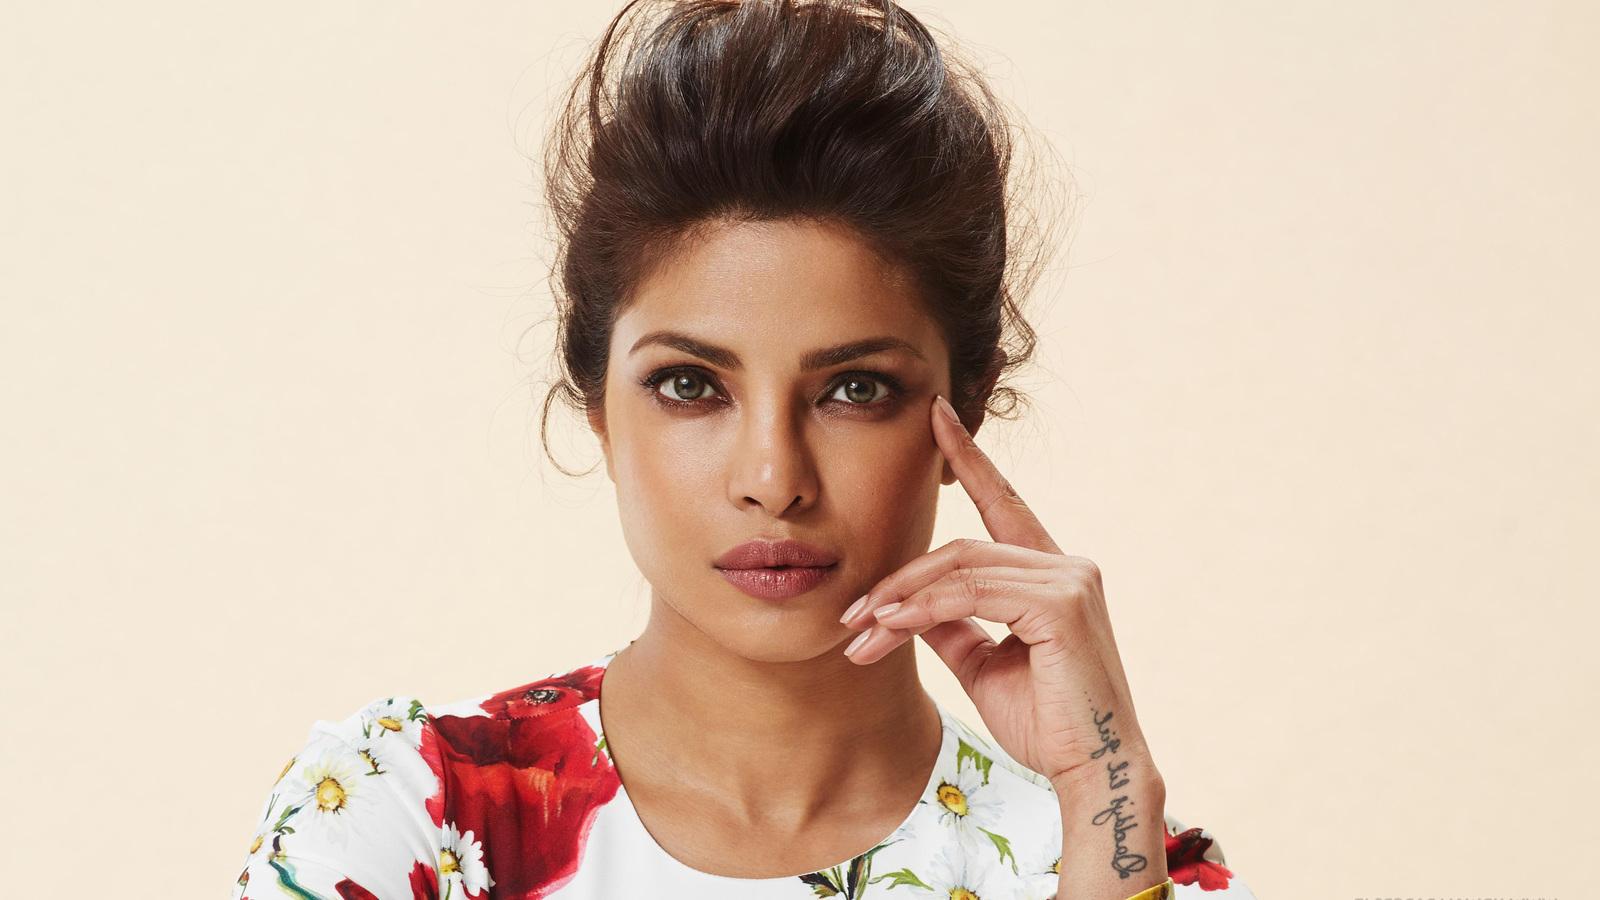 Priyanka Chopra 2016 Actress (1600x900)